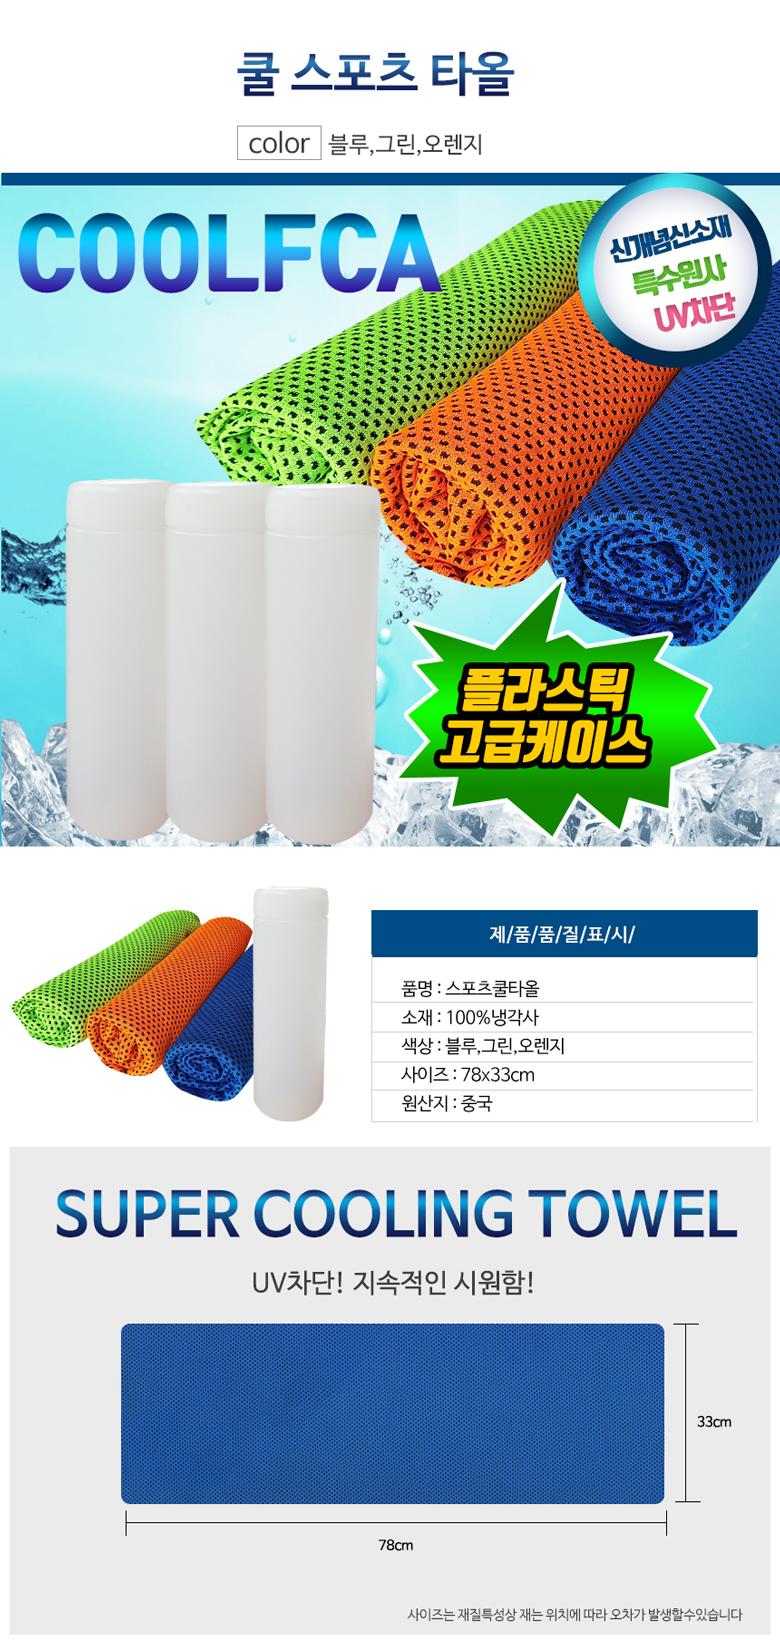 cool_towel_case_detail_01.jpg